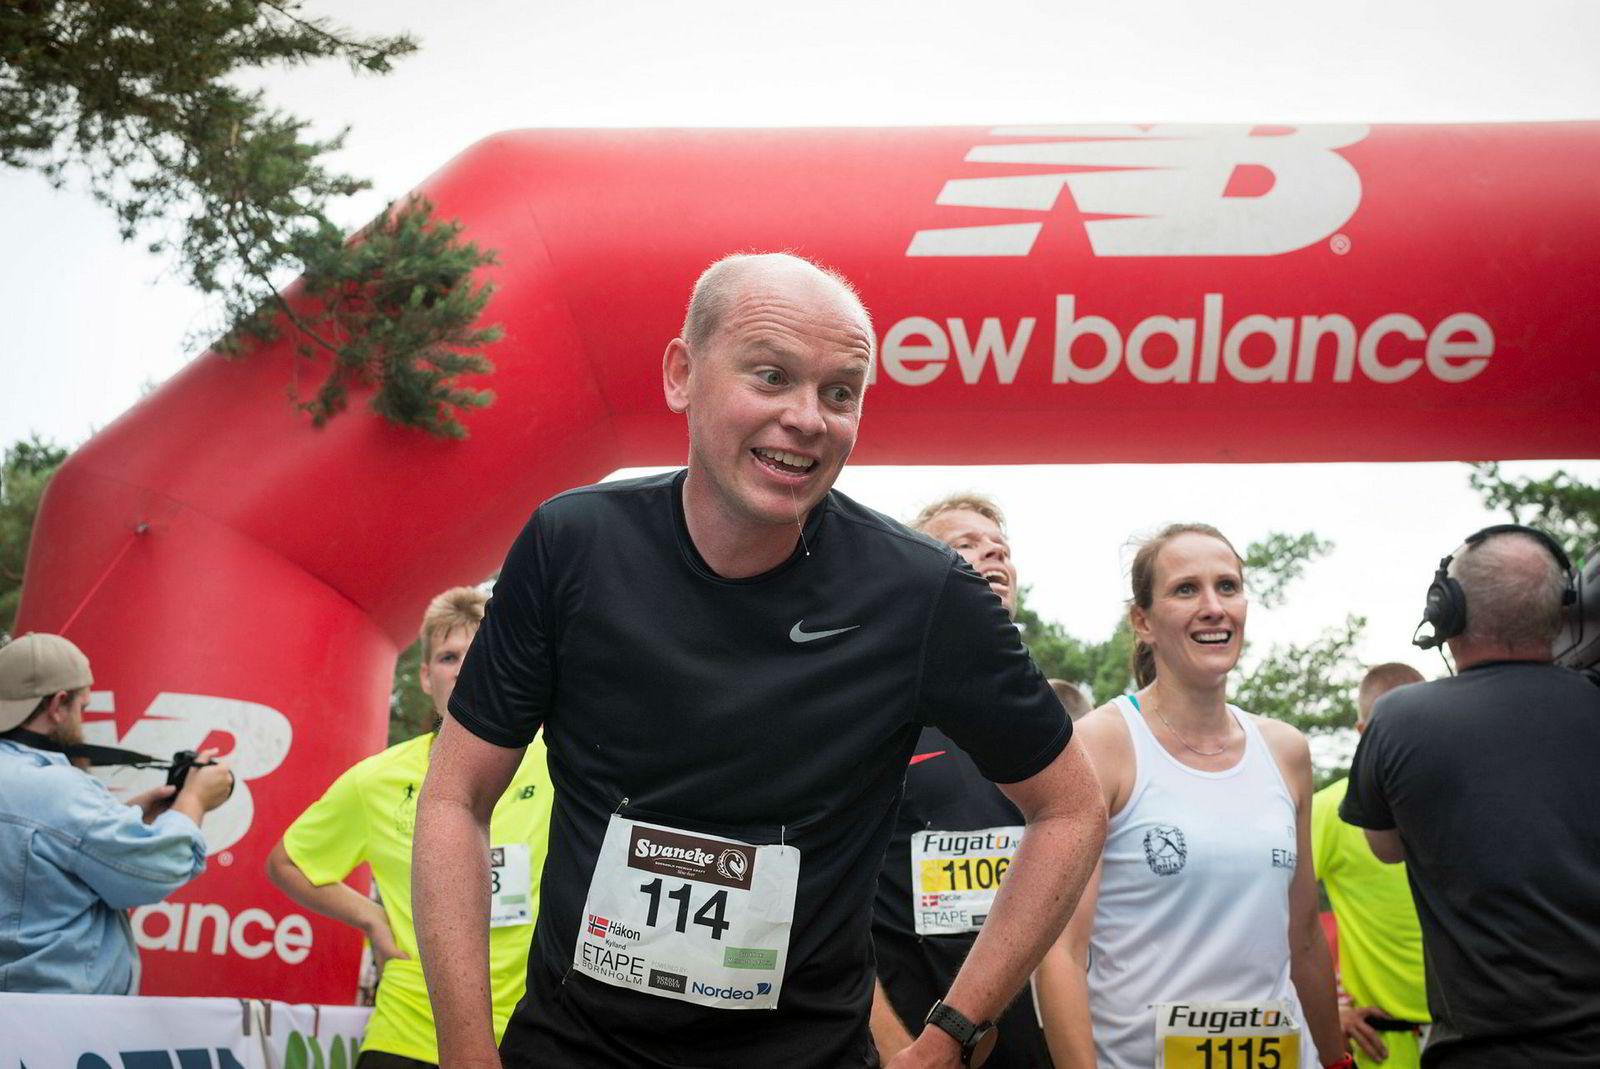 Håkon Kylland (42) fra Lier er endelig i mål etter å ha løpt i sanden i Dueodde. Det er forresten hans skyld eller fortjeneste at fem norske familier dro i lag for å løpe en maraton i løpet av fem dager i ferien.